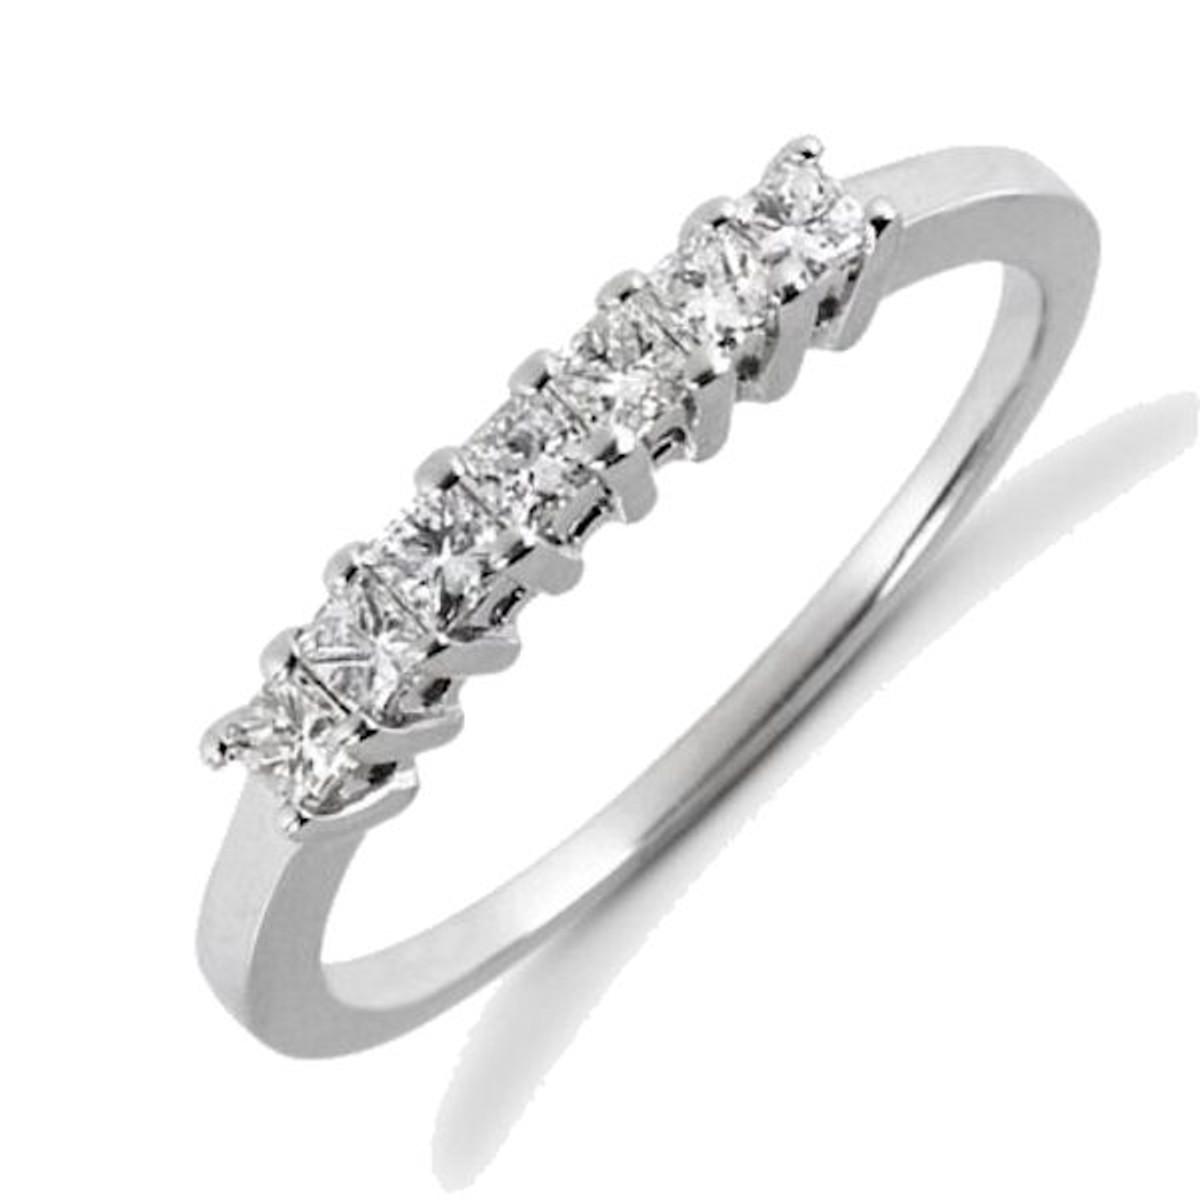 7 stone diamond anniversary ring